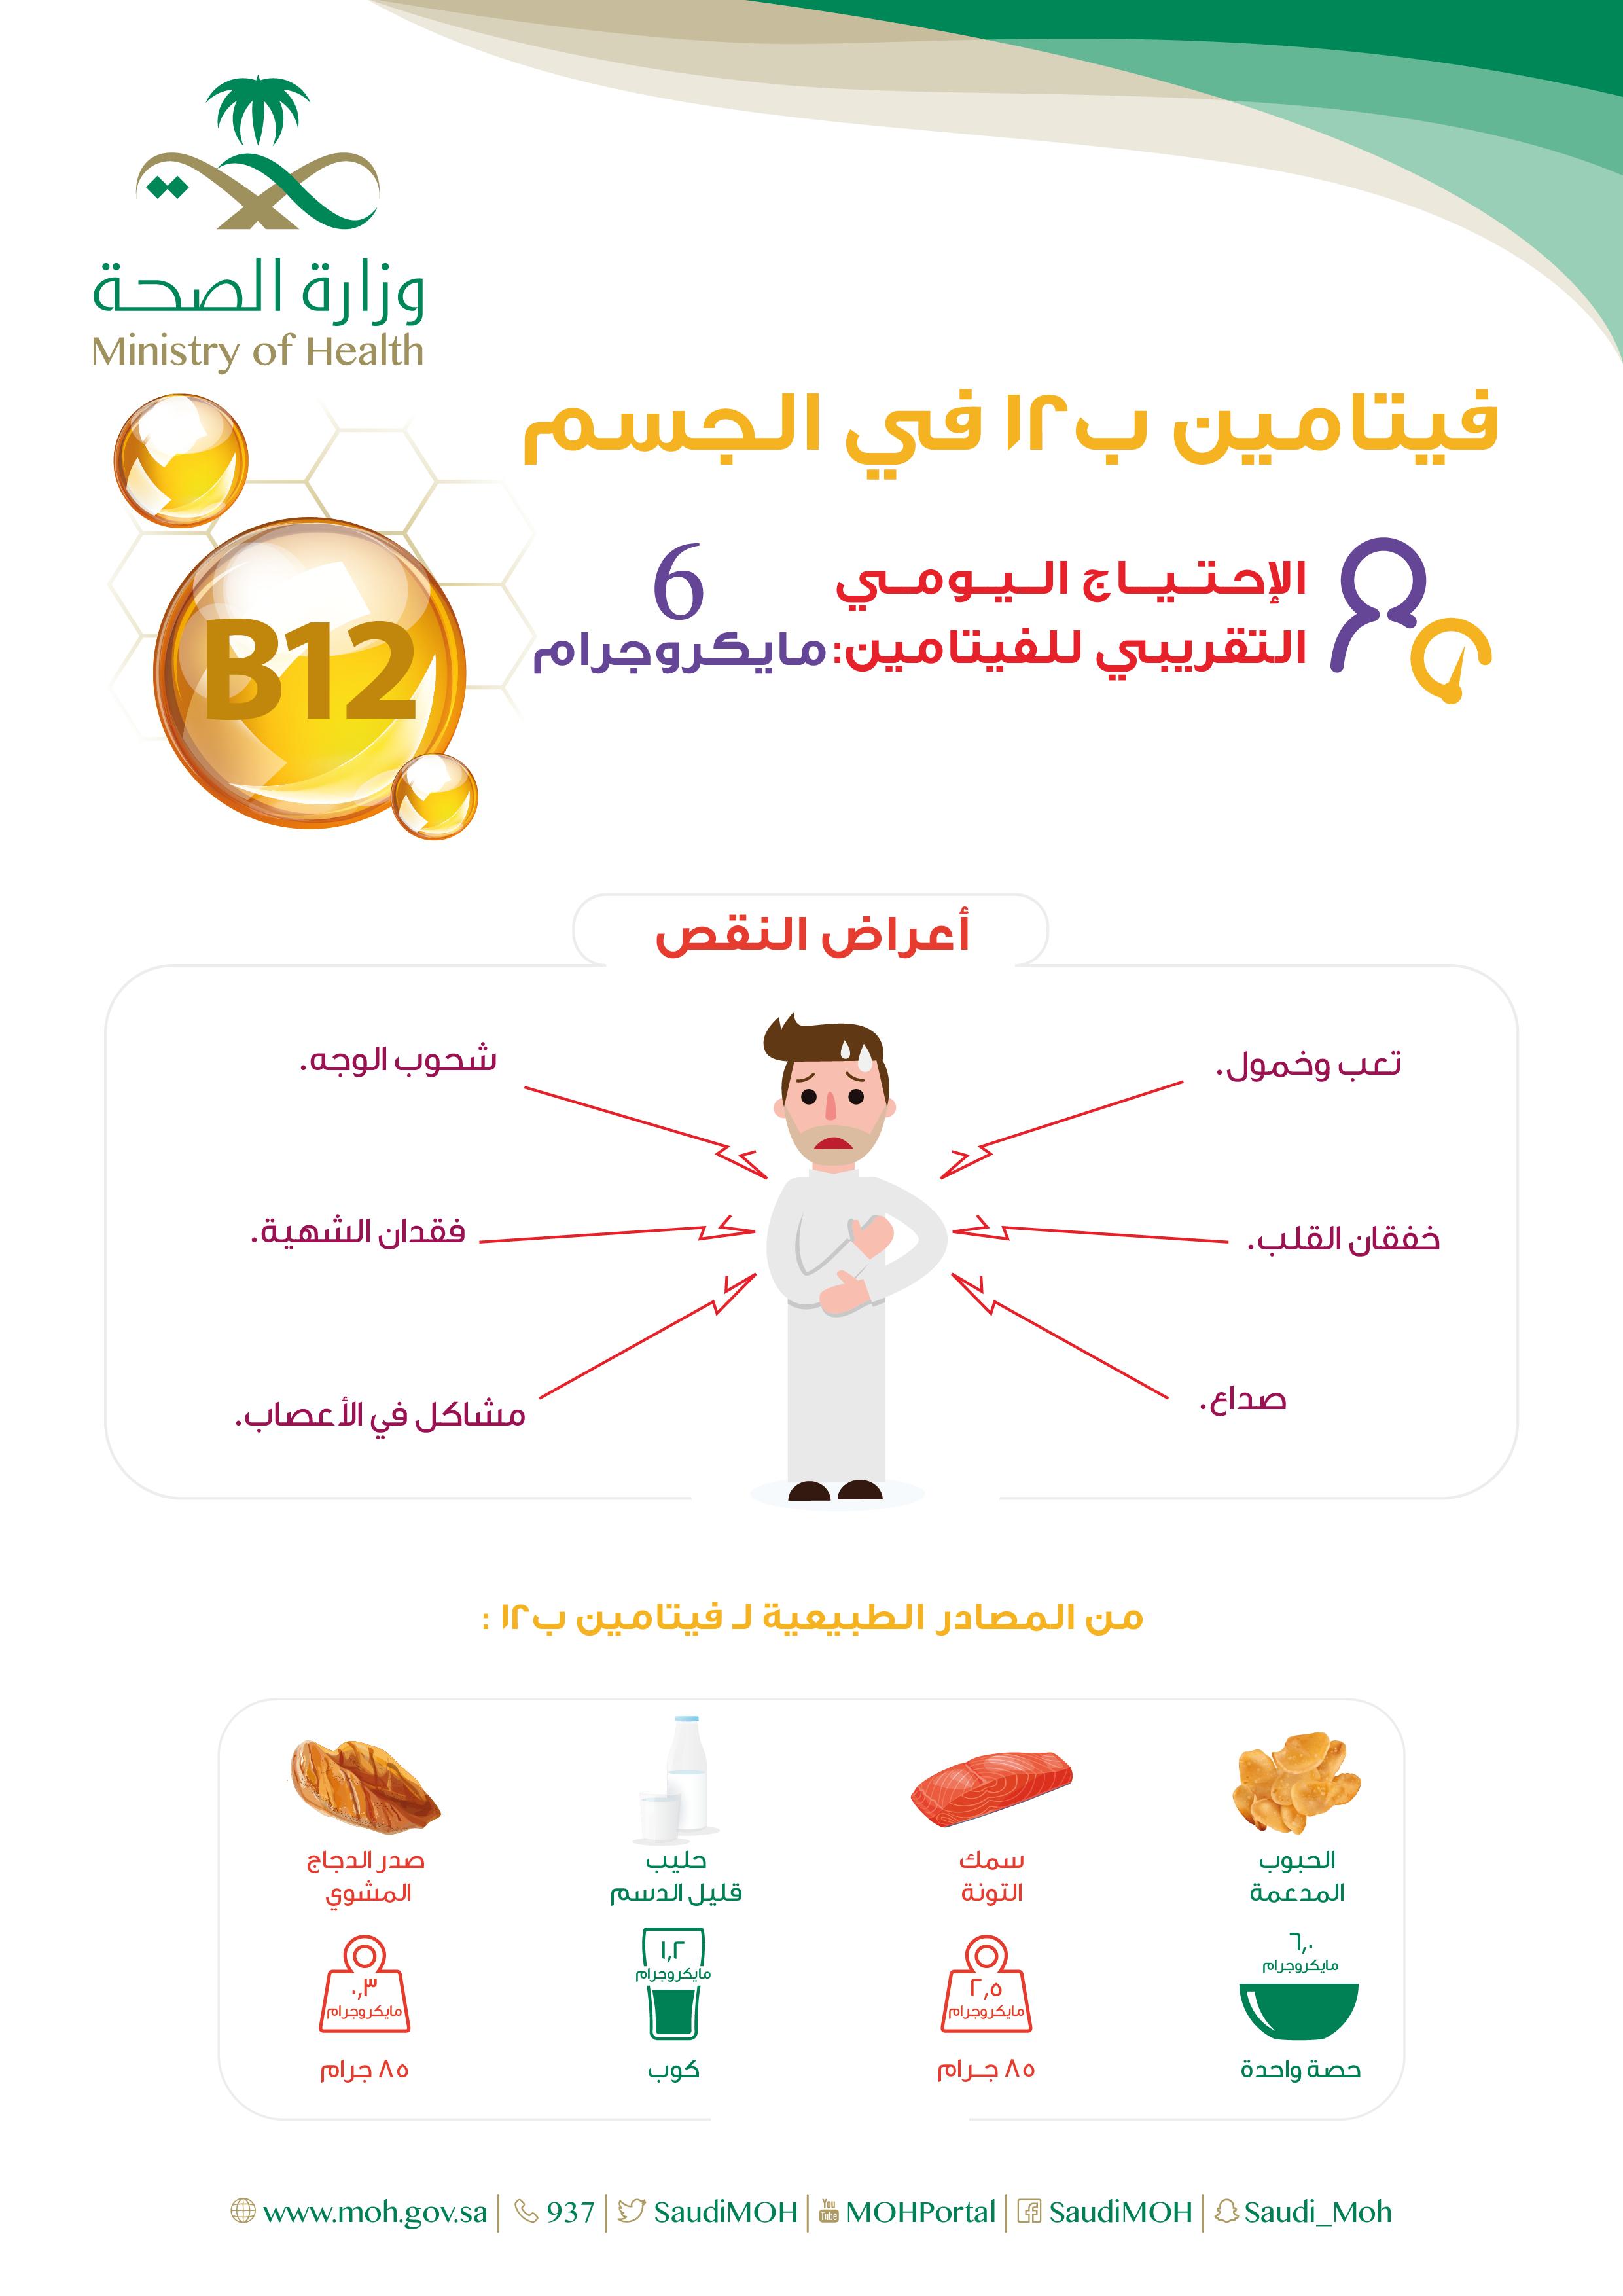 أسلوب حياة صحي الغذاء الصحي